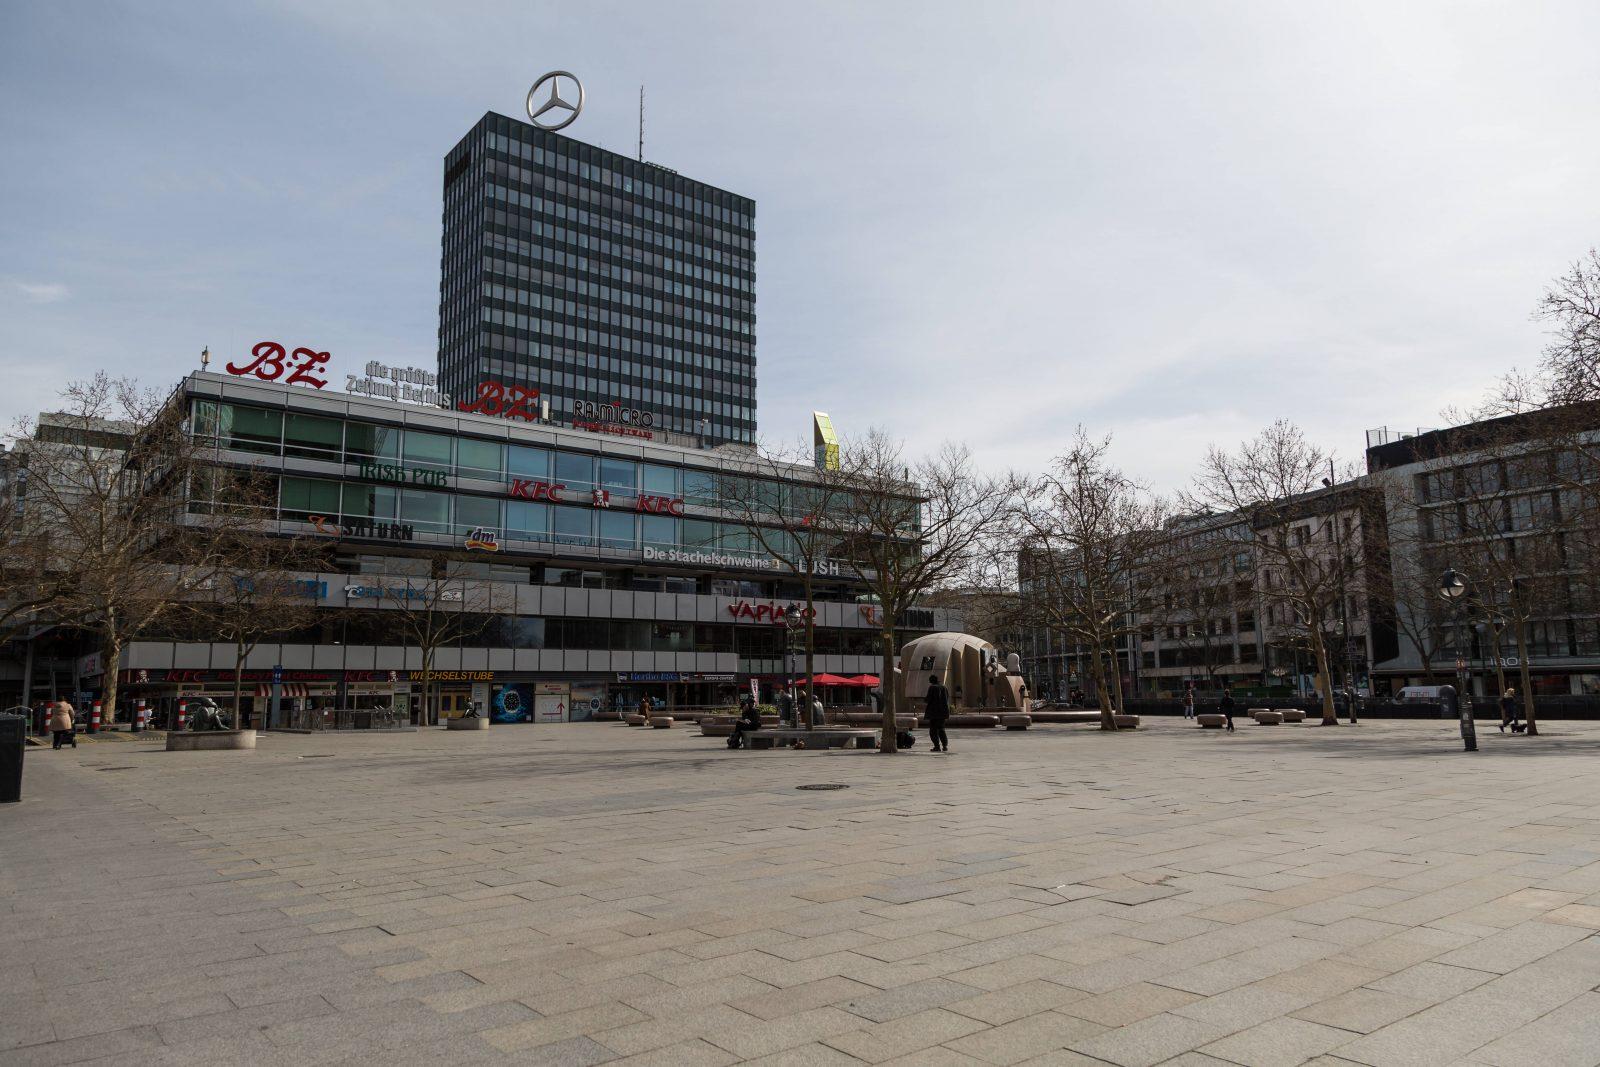 Gähnende Leere auch am Breitscheidplatz. Foto: imago images / STPP